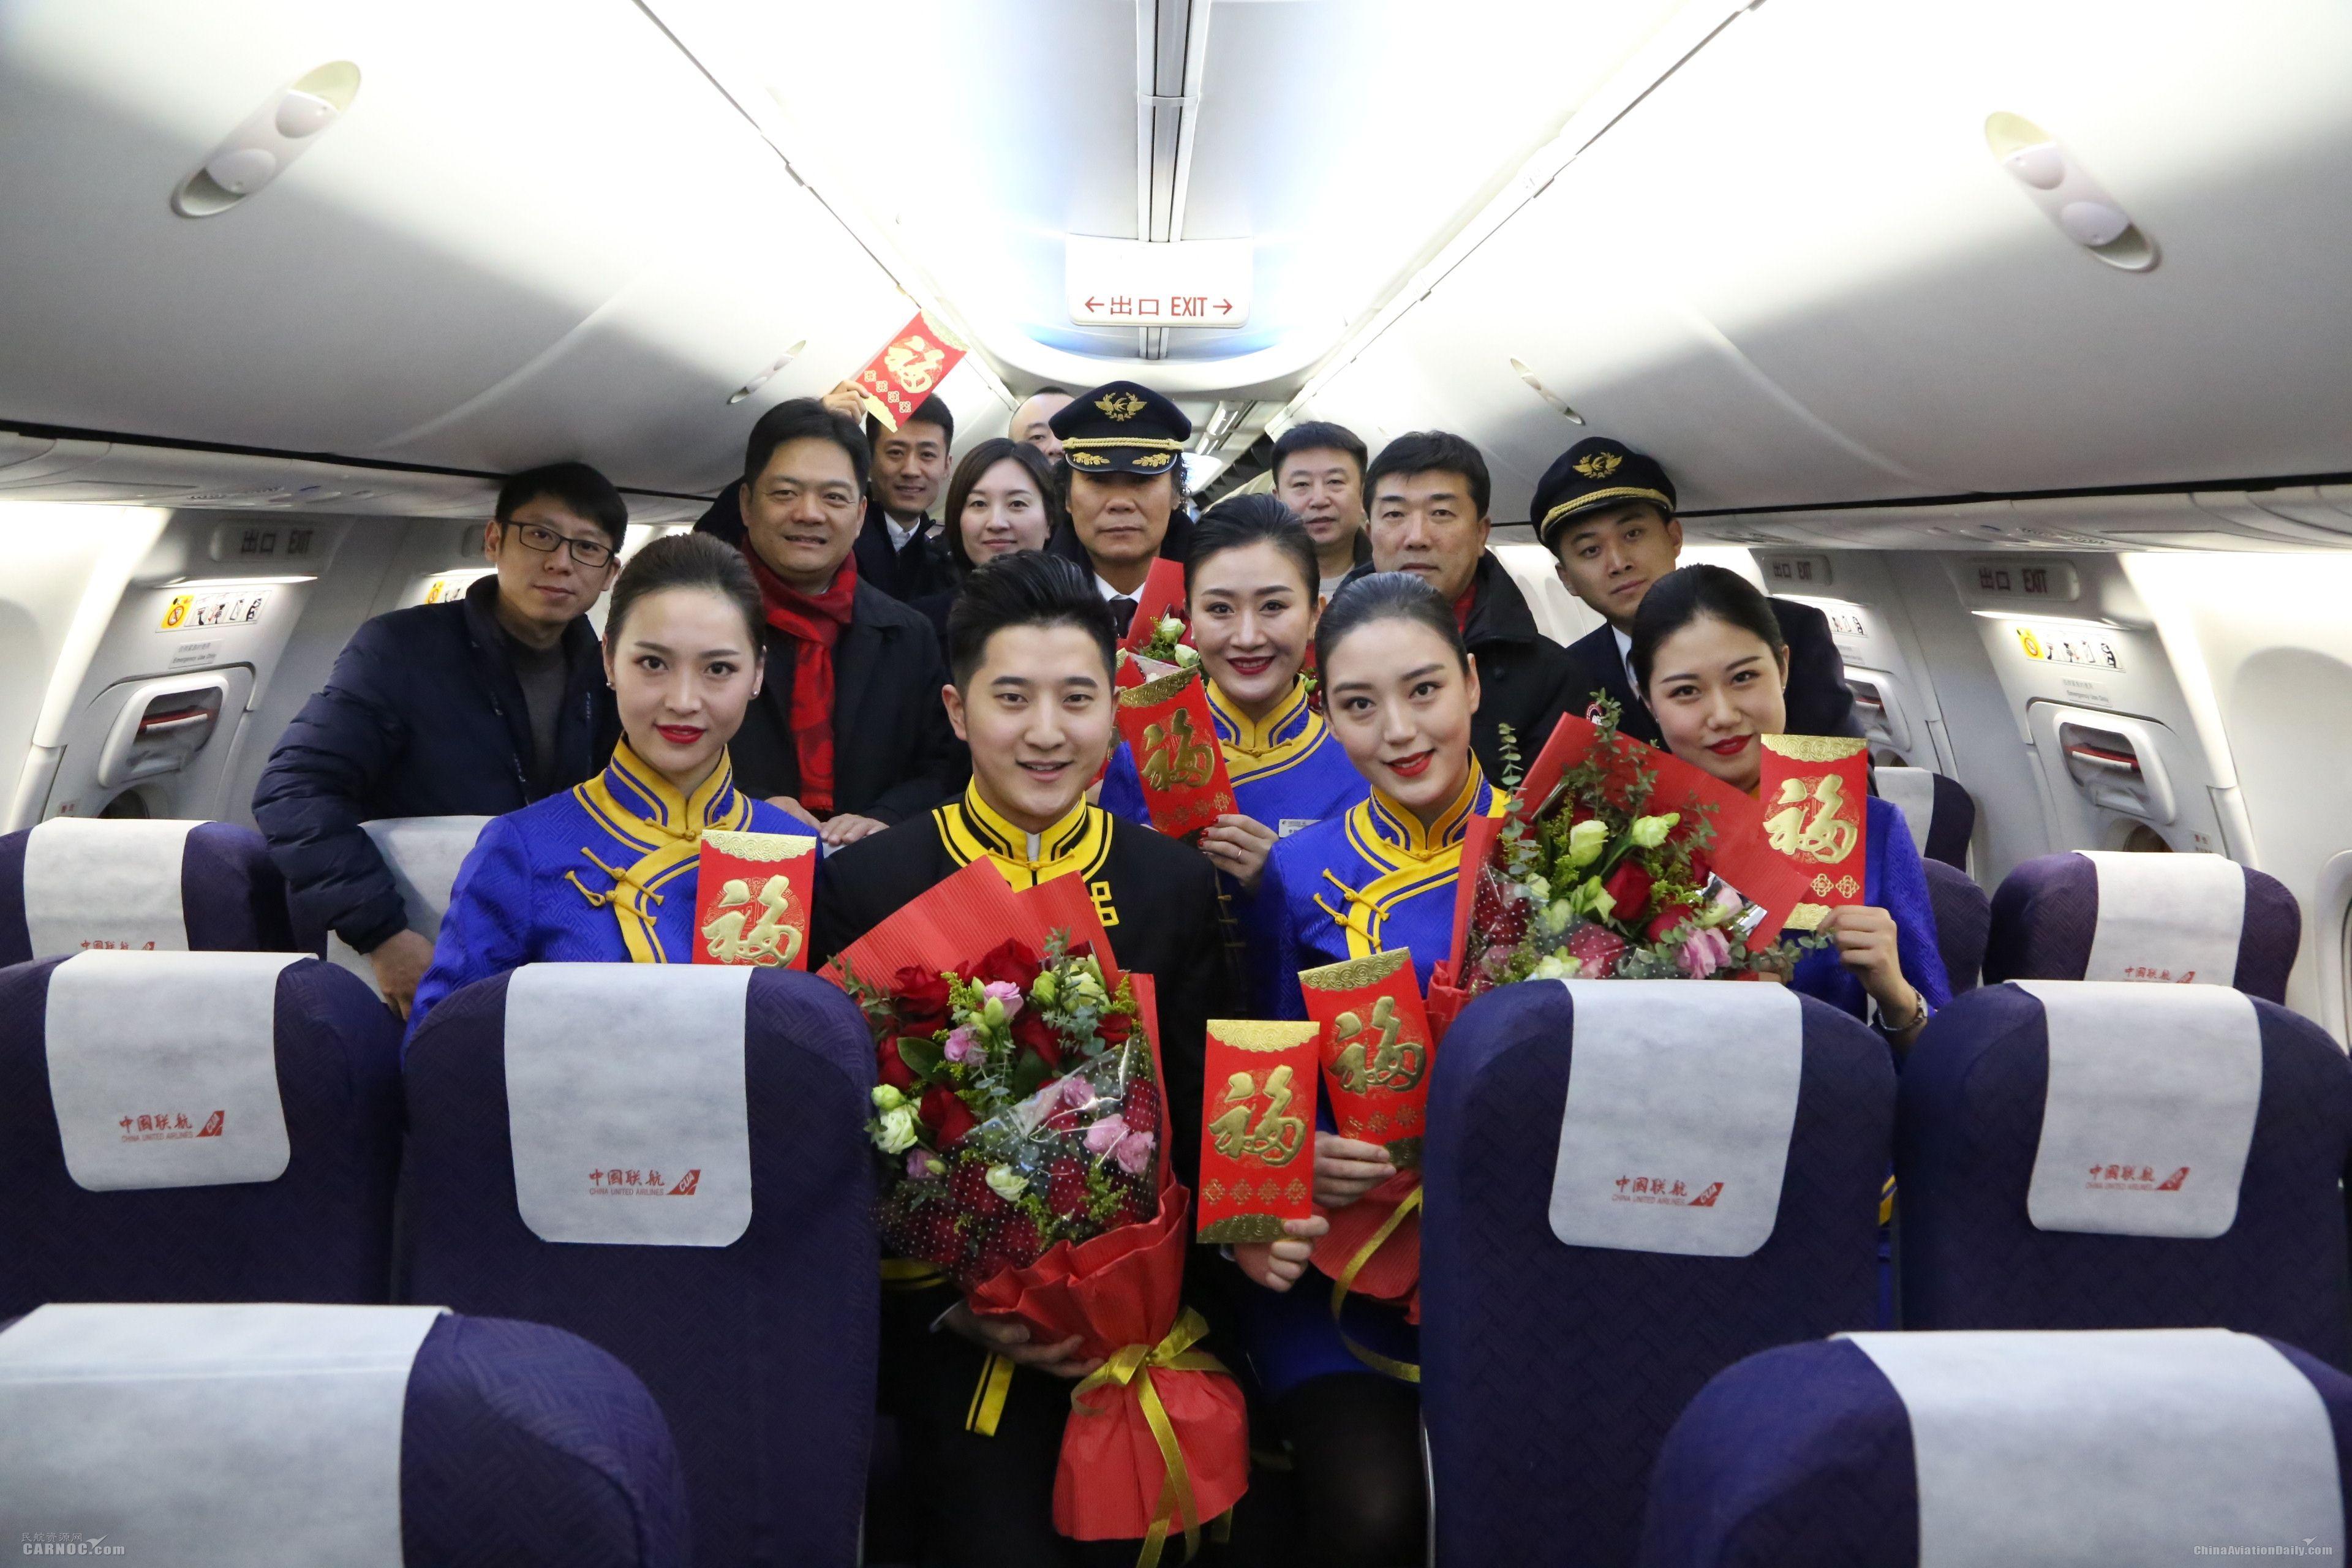 中国联航党委书记一行农历新年慰问一线员工